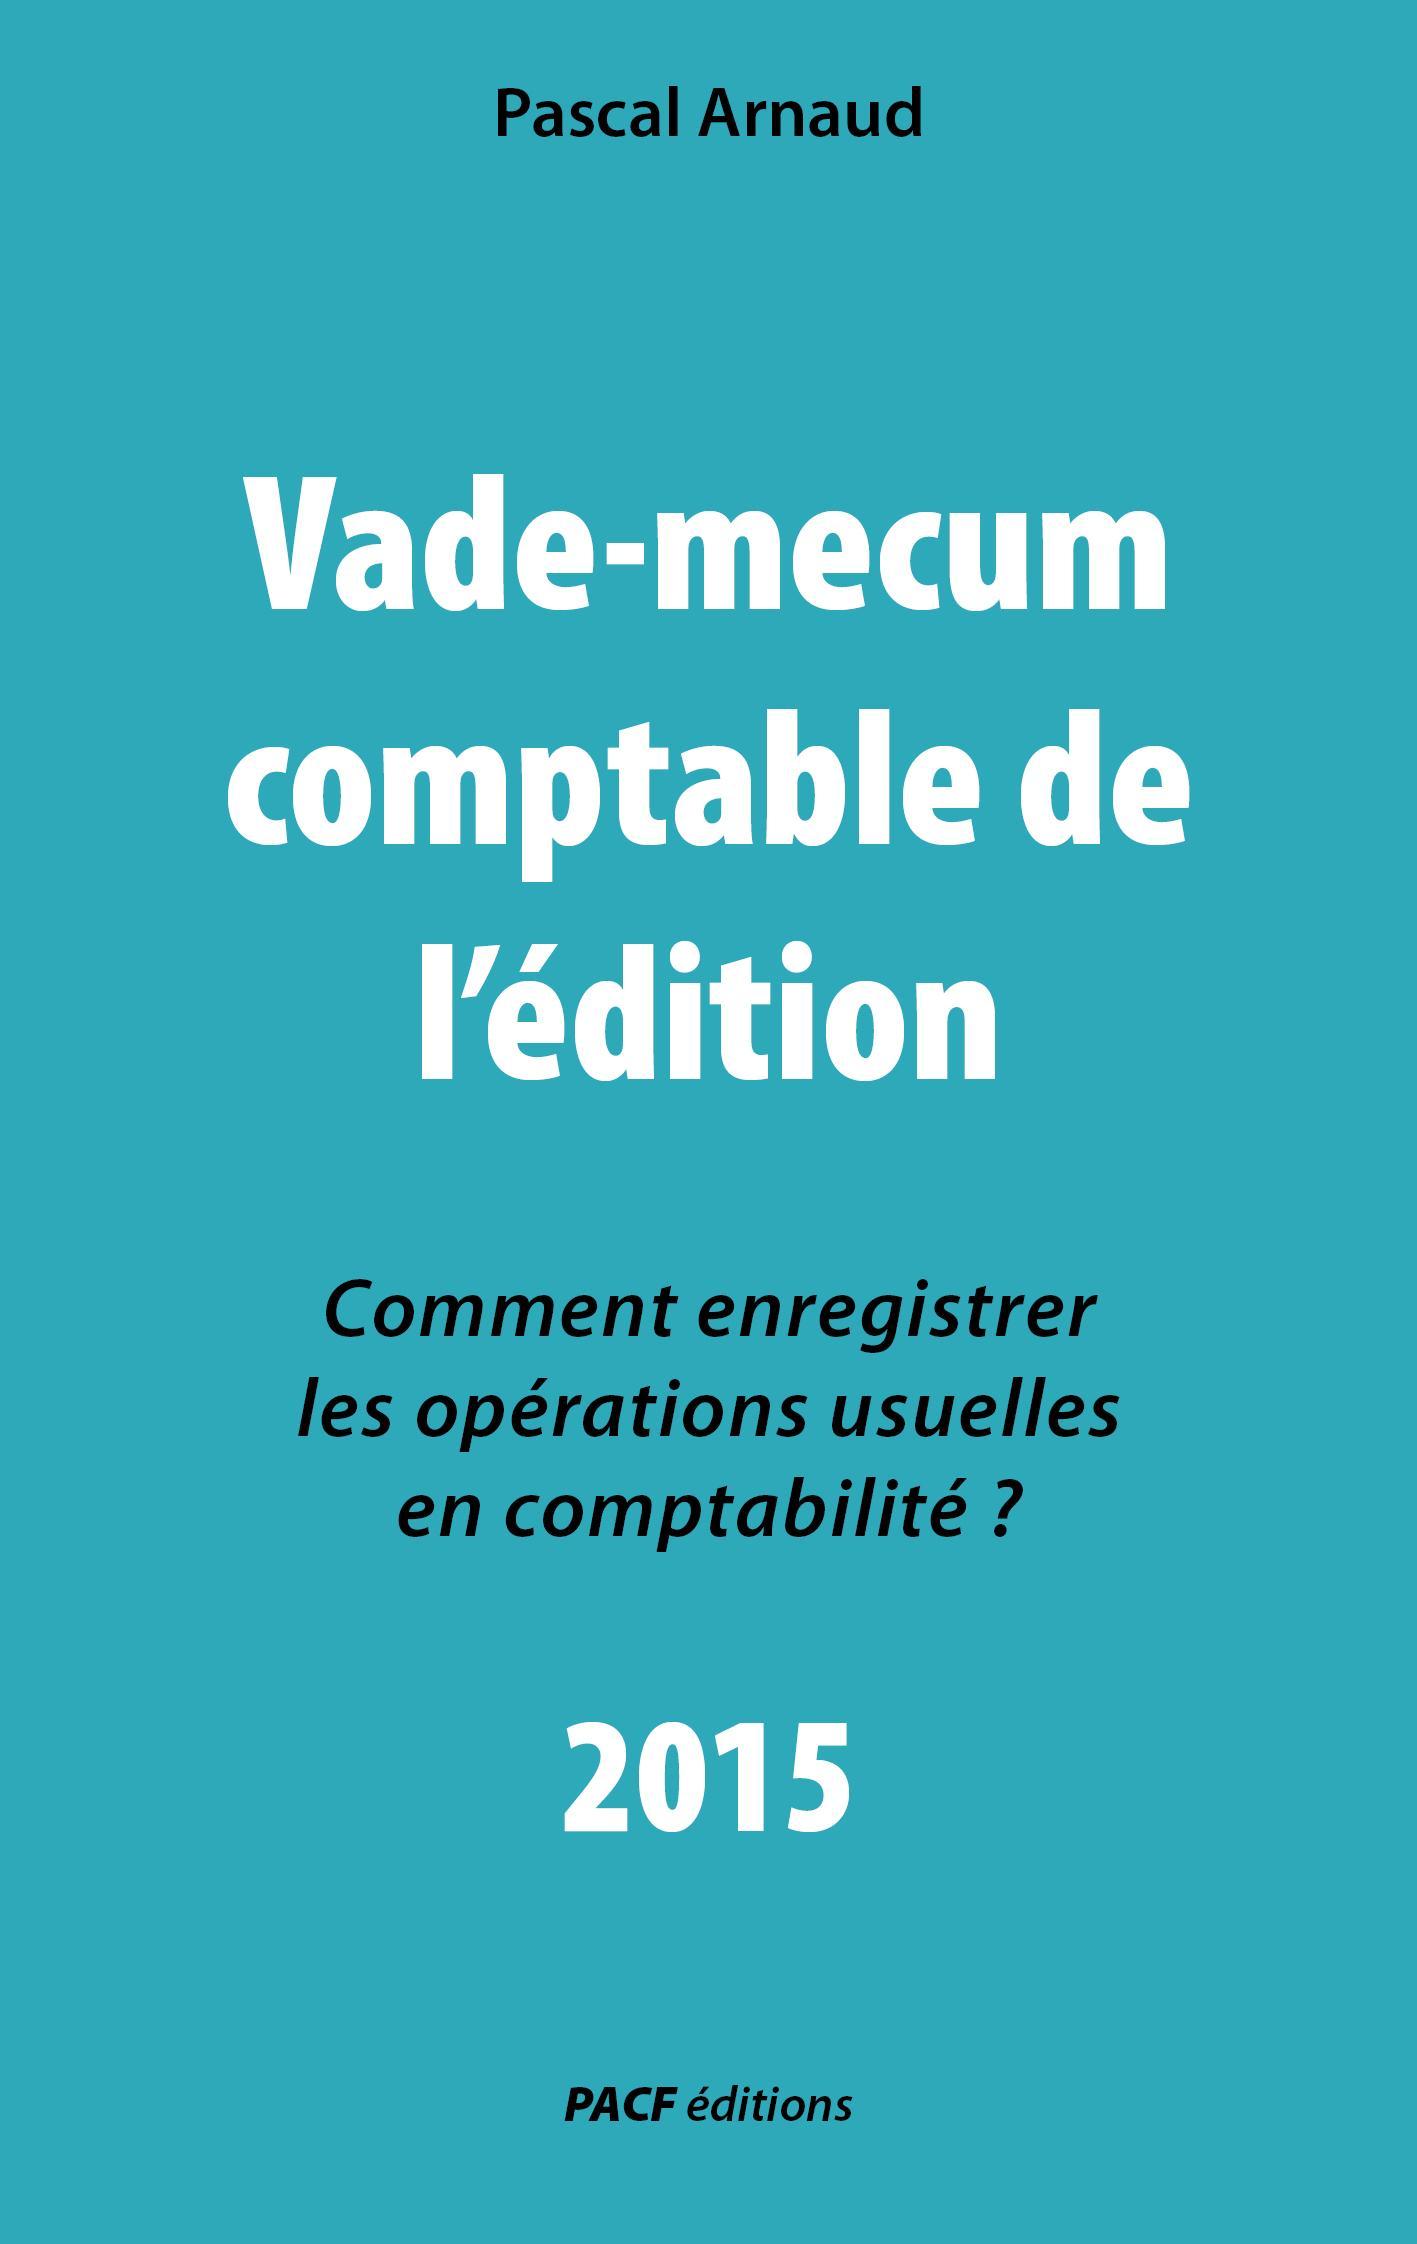 Vade-mecum comptable de l'édition 2015, COMMENT ENREGISTRER LES OPÉRATIONS USUELLES EN COMPTABILITÉ ?